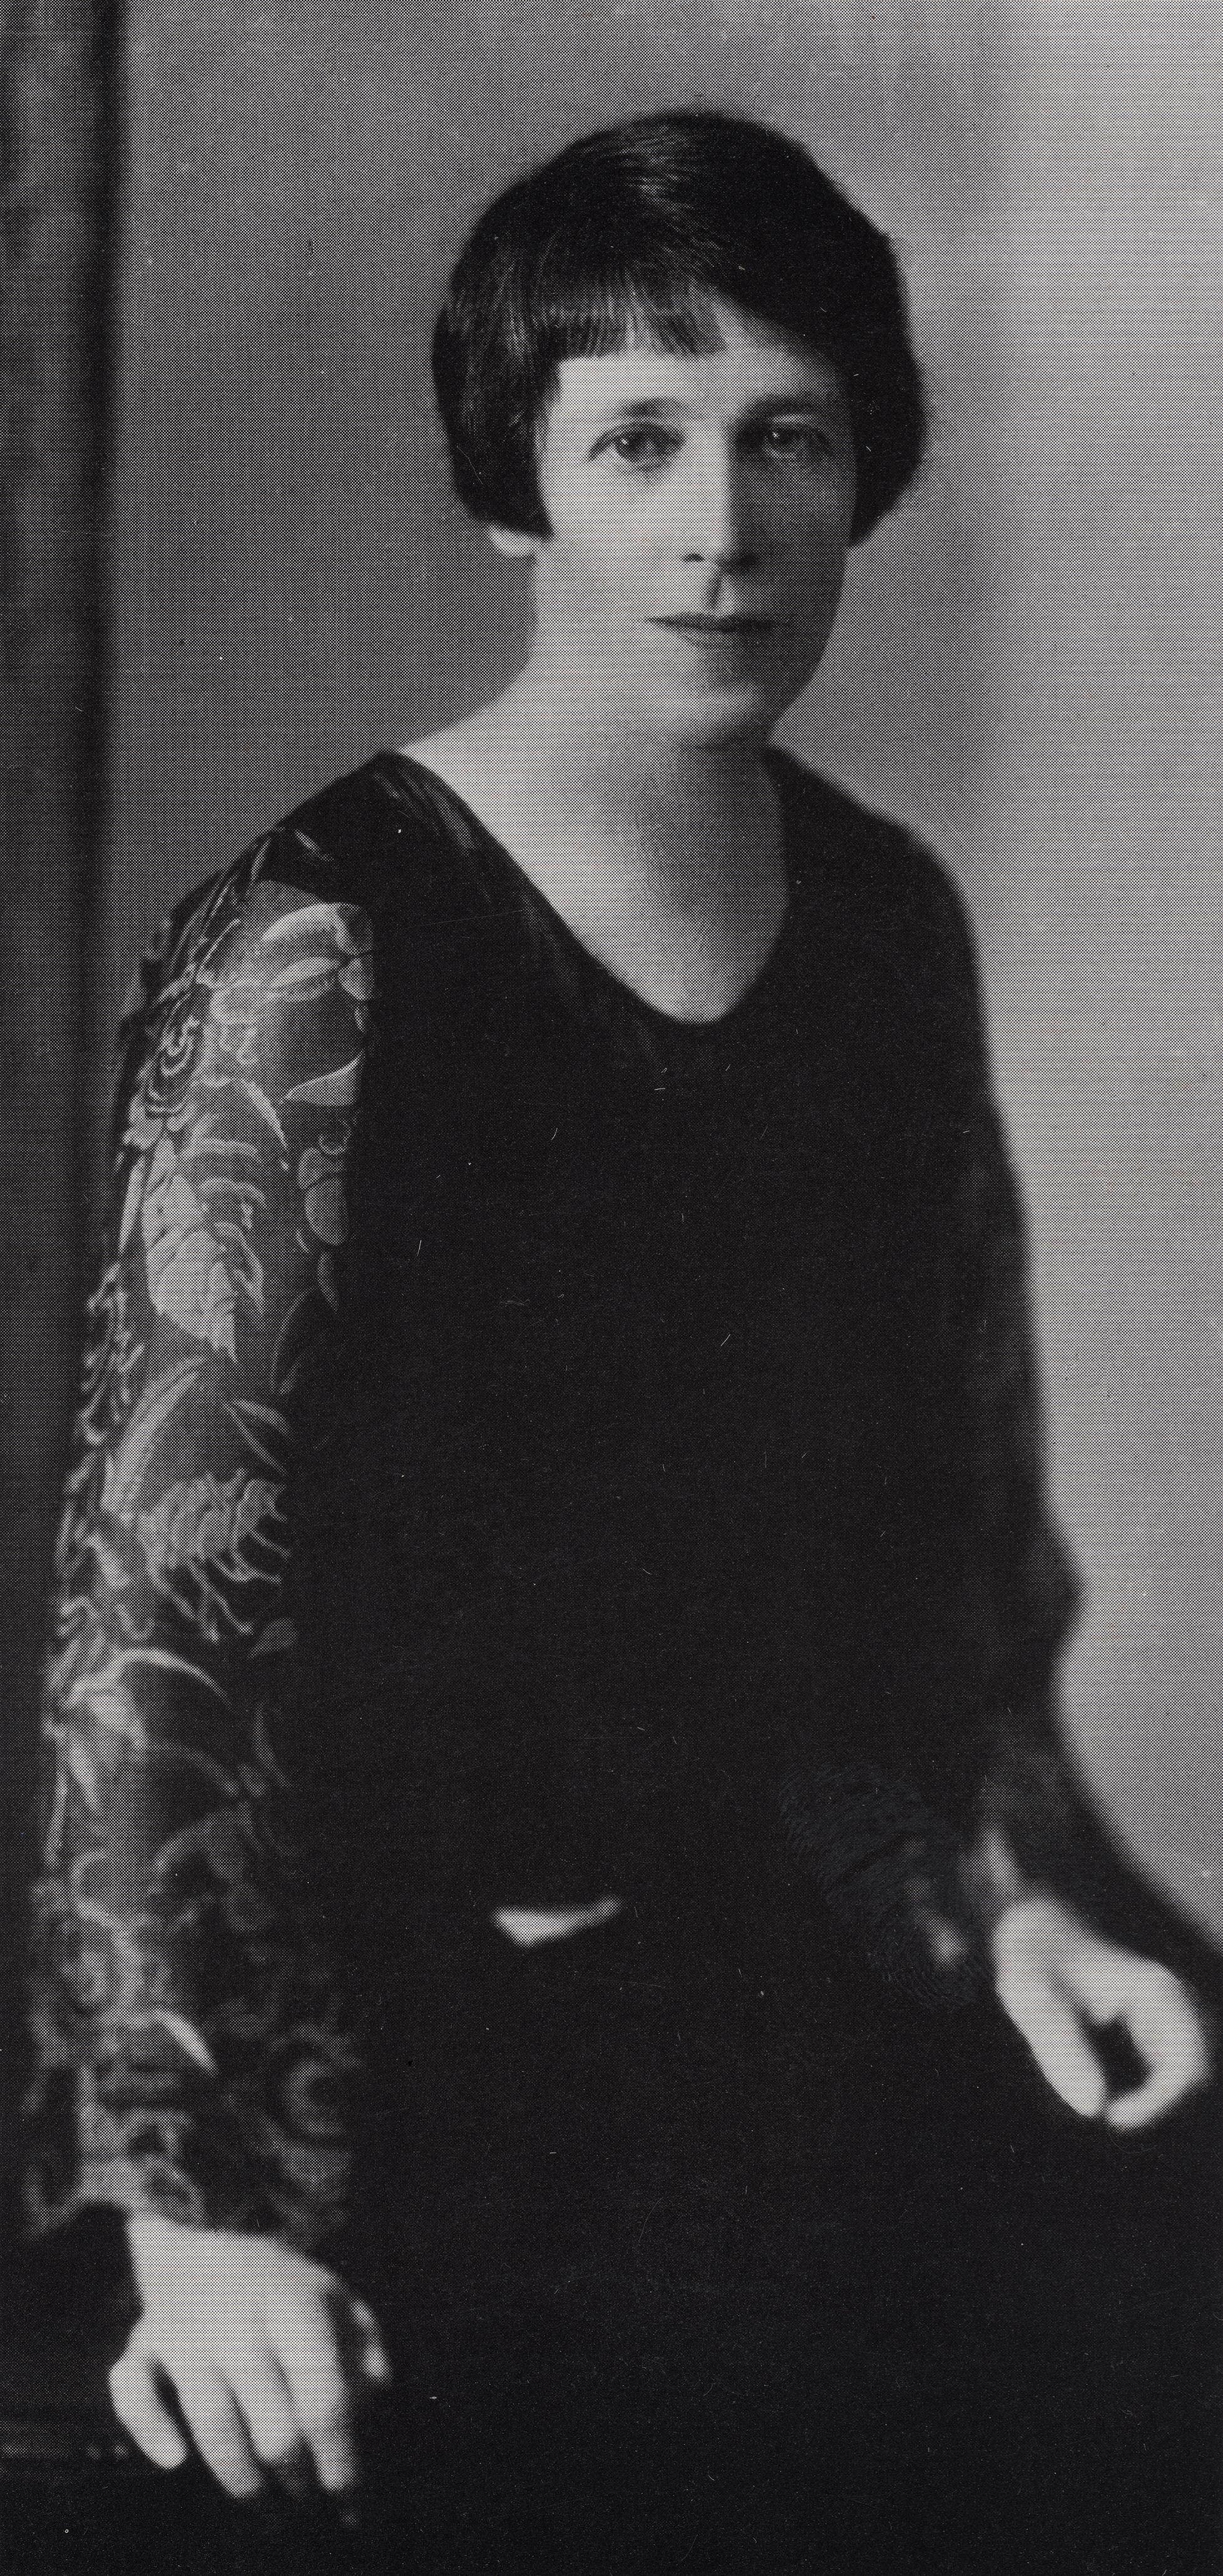 Vida Lahey, 1927, photograph courtesy of John and Hazel Lahey.